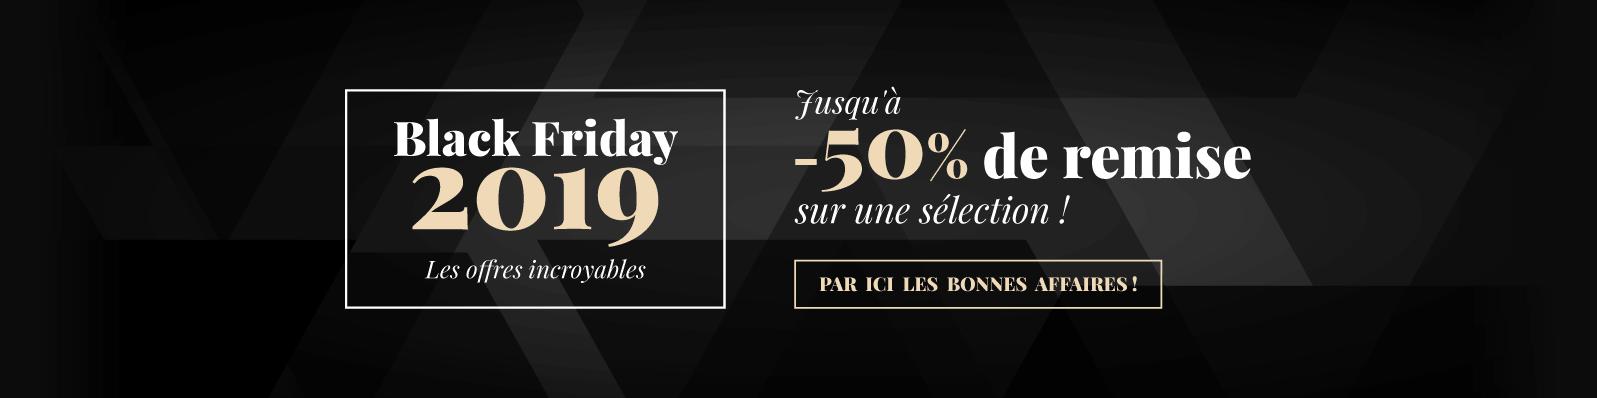 Black Friday 2019 Les offres incroyables Jusqu'à -50% de remise sur une sélection ! Par ici les bonnes affaires !